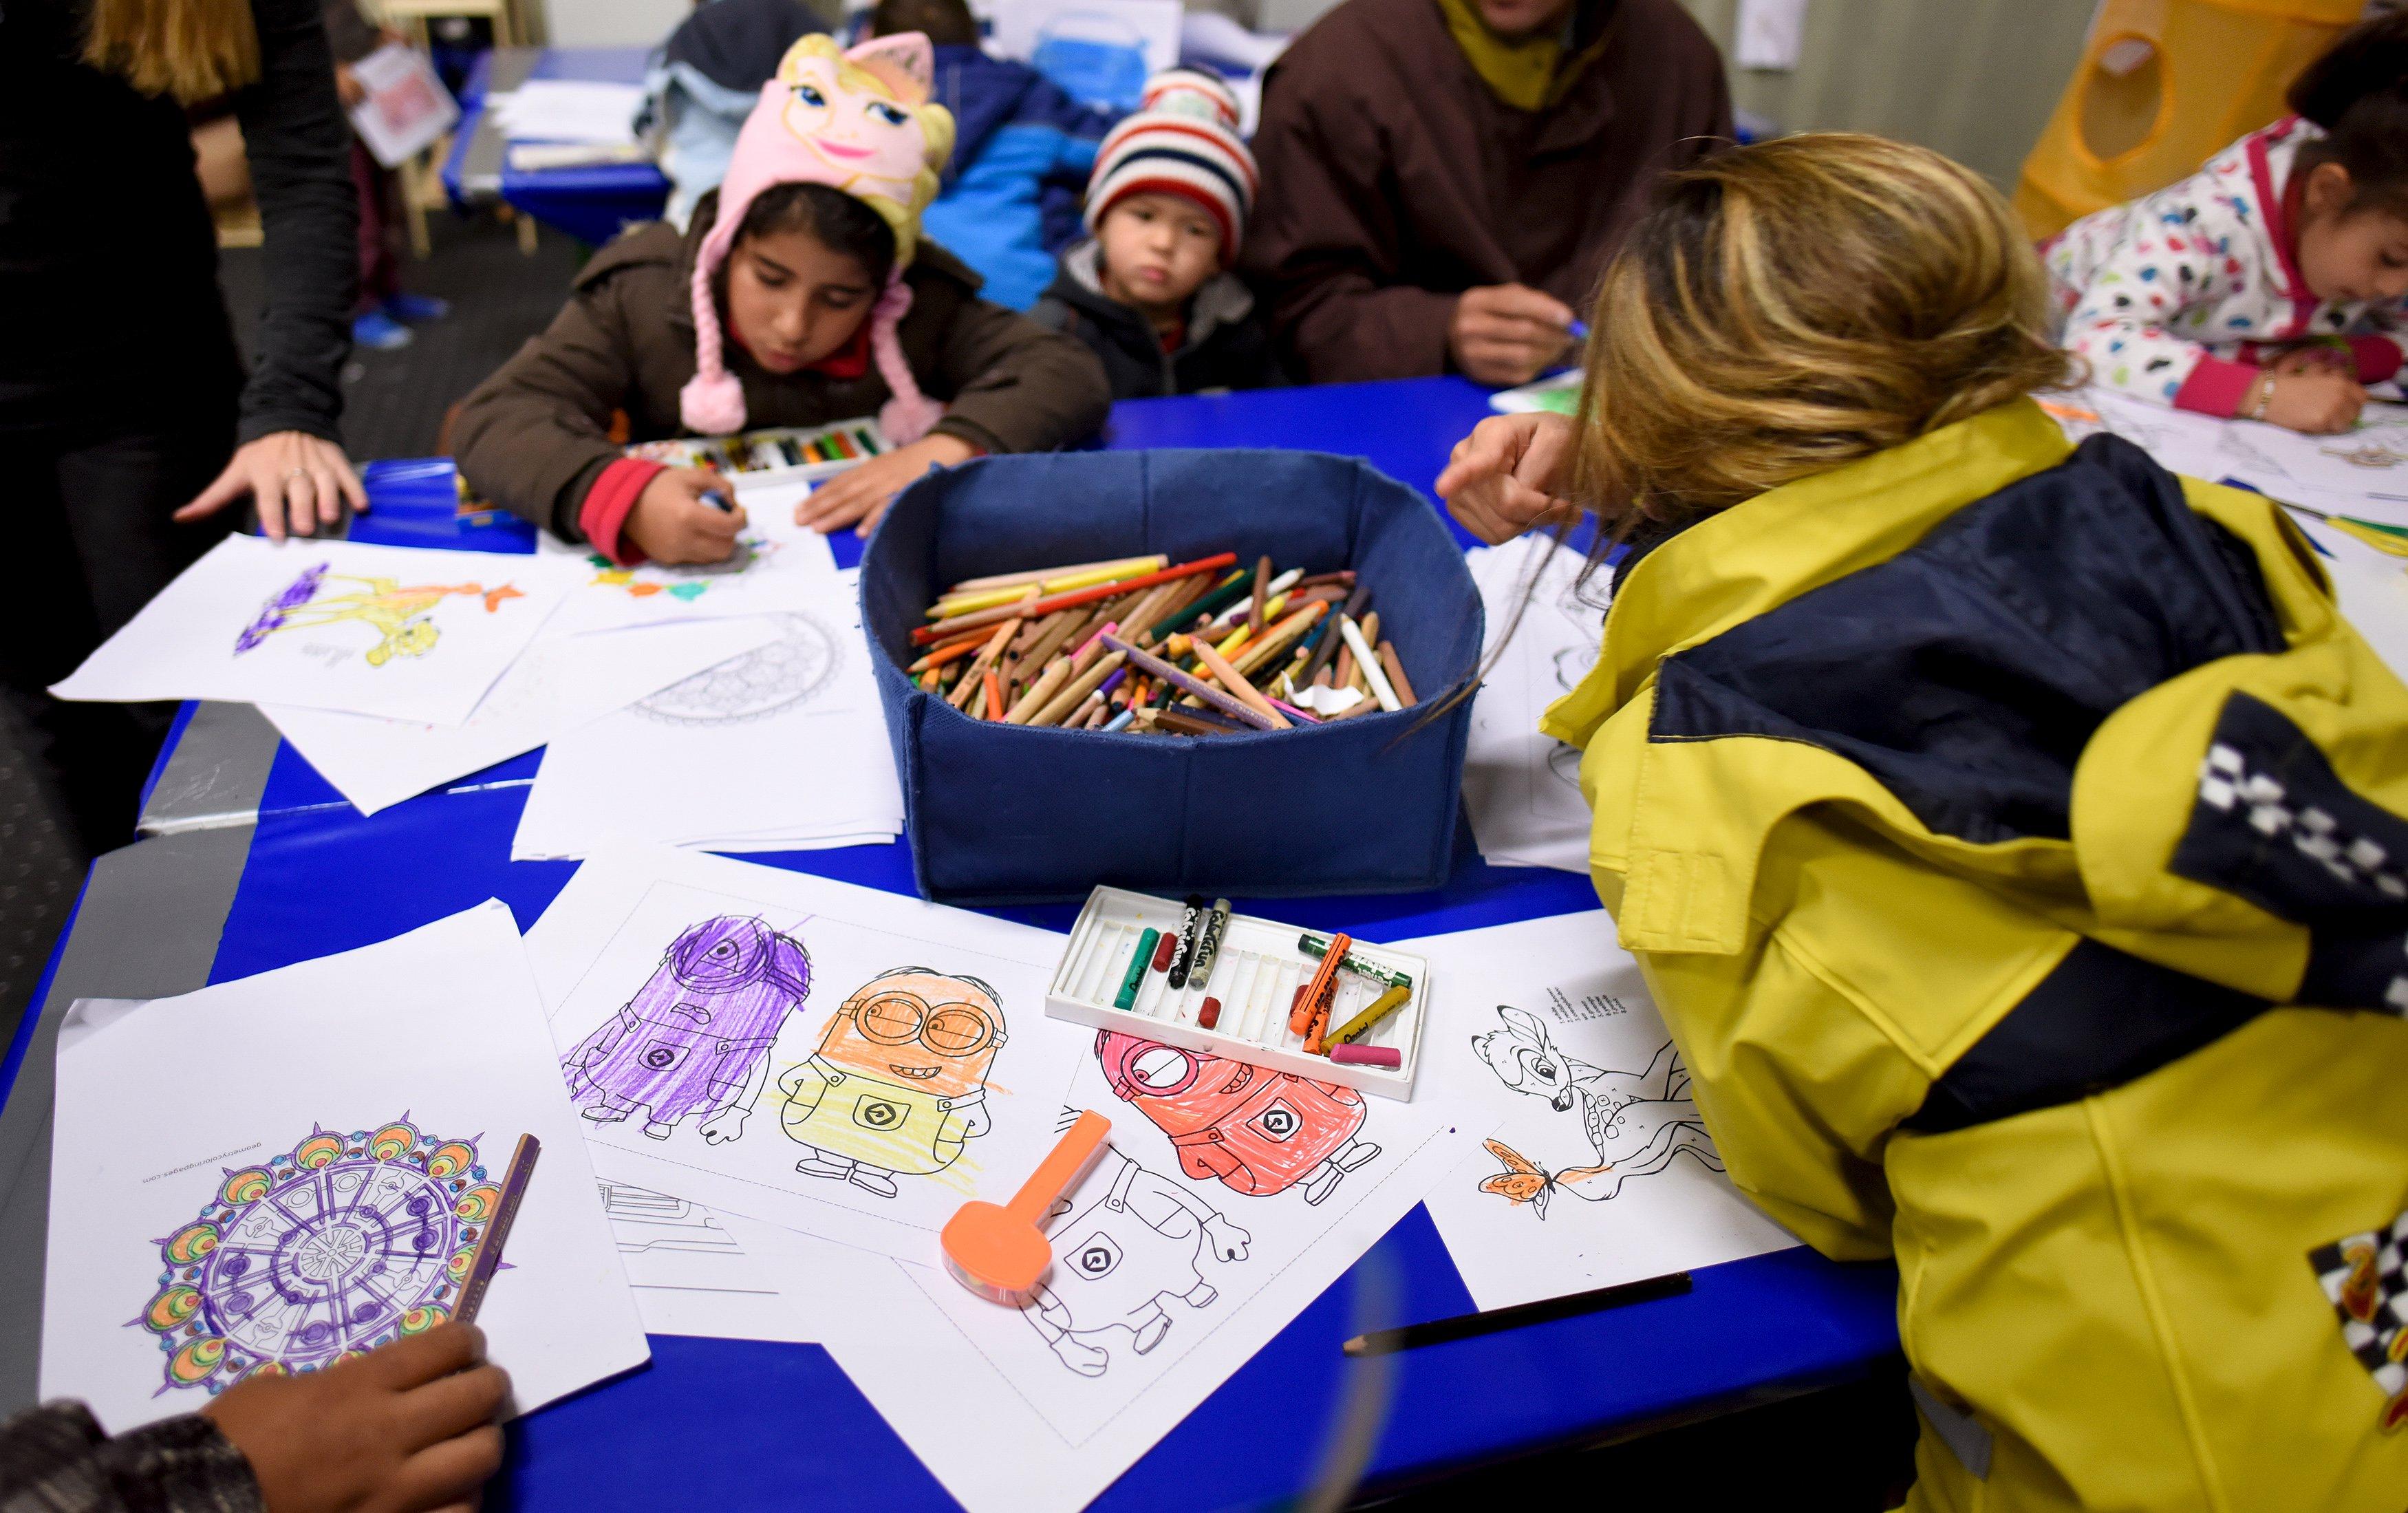 """Anak-anak migran mewarnai di ruang bermain di kamp pengungsi di Celle, Lower-Saxony, Jerman, 15 Oktober 2015. Dengan musim dingin yang akan segera datang, pihak berwenang berjuang untuk menemukan tempat yang hangat untuk ditempati oleh ribuan pengungsi yang datang ke Jerman setiap harinya. Dalam keputusasaan, mereka mencari ruang olahraga, hostel dan gedung kantor kosong. Tapi saat pilihan ini semakin sulit, tenda telah menjadi pilihan terbaik: terlepas dari suhu yang semakin menurun, sebuah survei oleh koran cetak Jerman """"Die Welt"""" menunjukkan setidaknya 42,000 pengungsi masih tinggal di tenda. Foto diambil tanggal 15 Oktober 2015. ANTARA FOTO/REUTERS/Fabian Bimmer."""